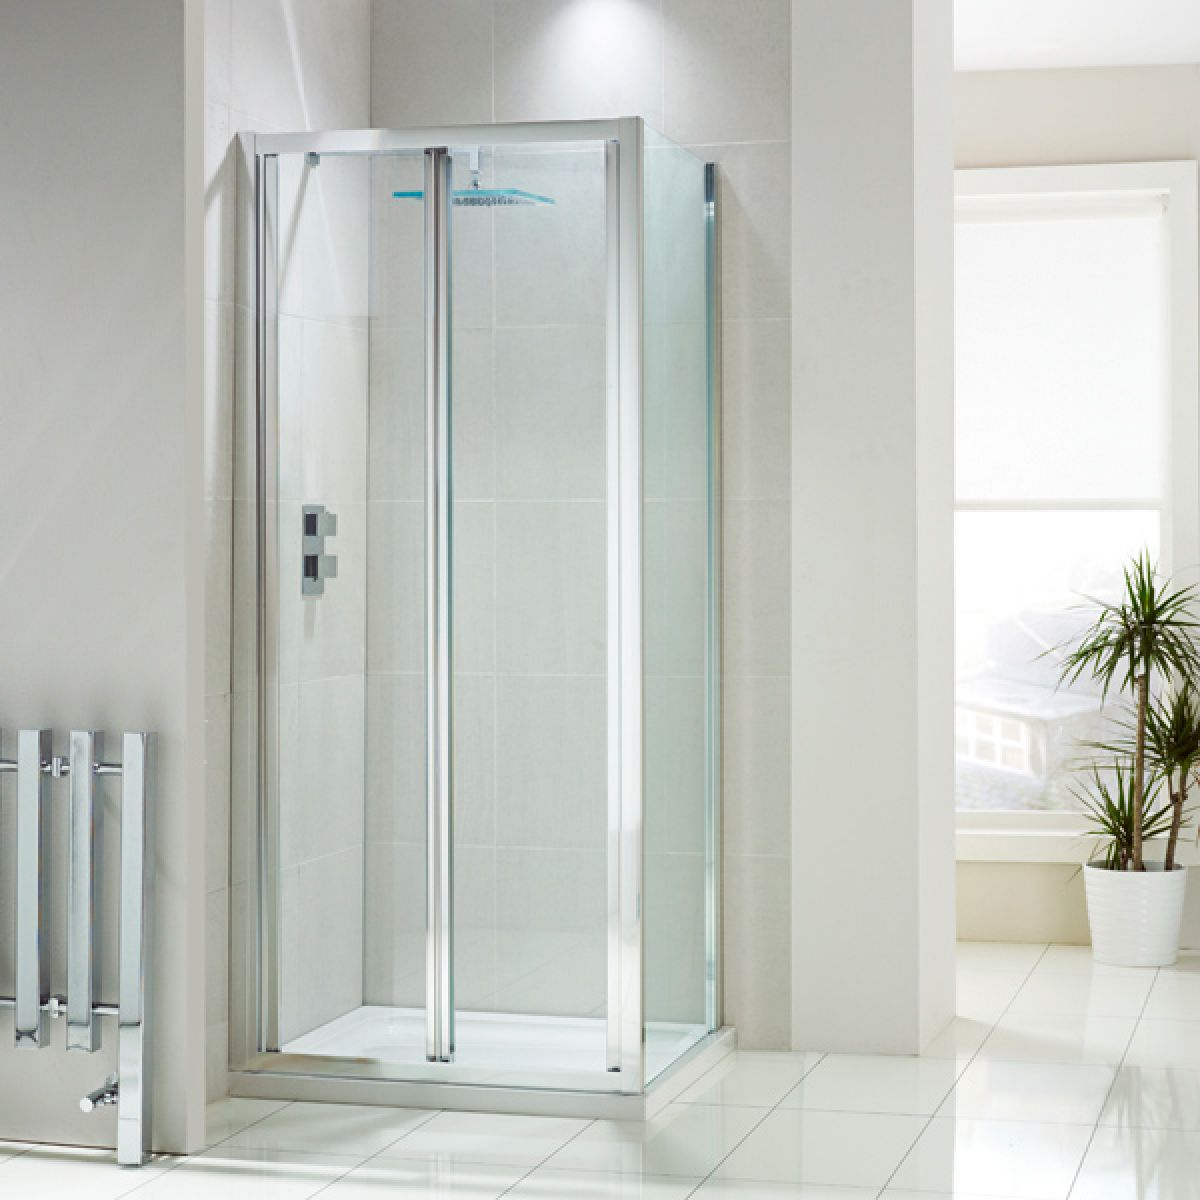 Frontline Aquaglass+ Bi-Fold Shower Door with Optional Side Panel